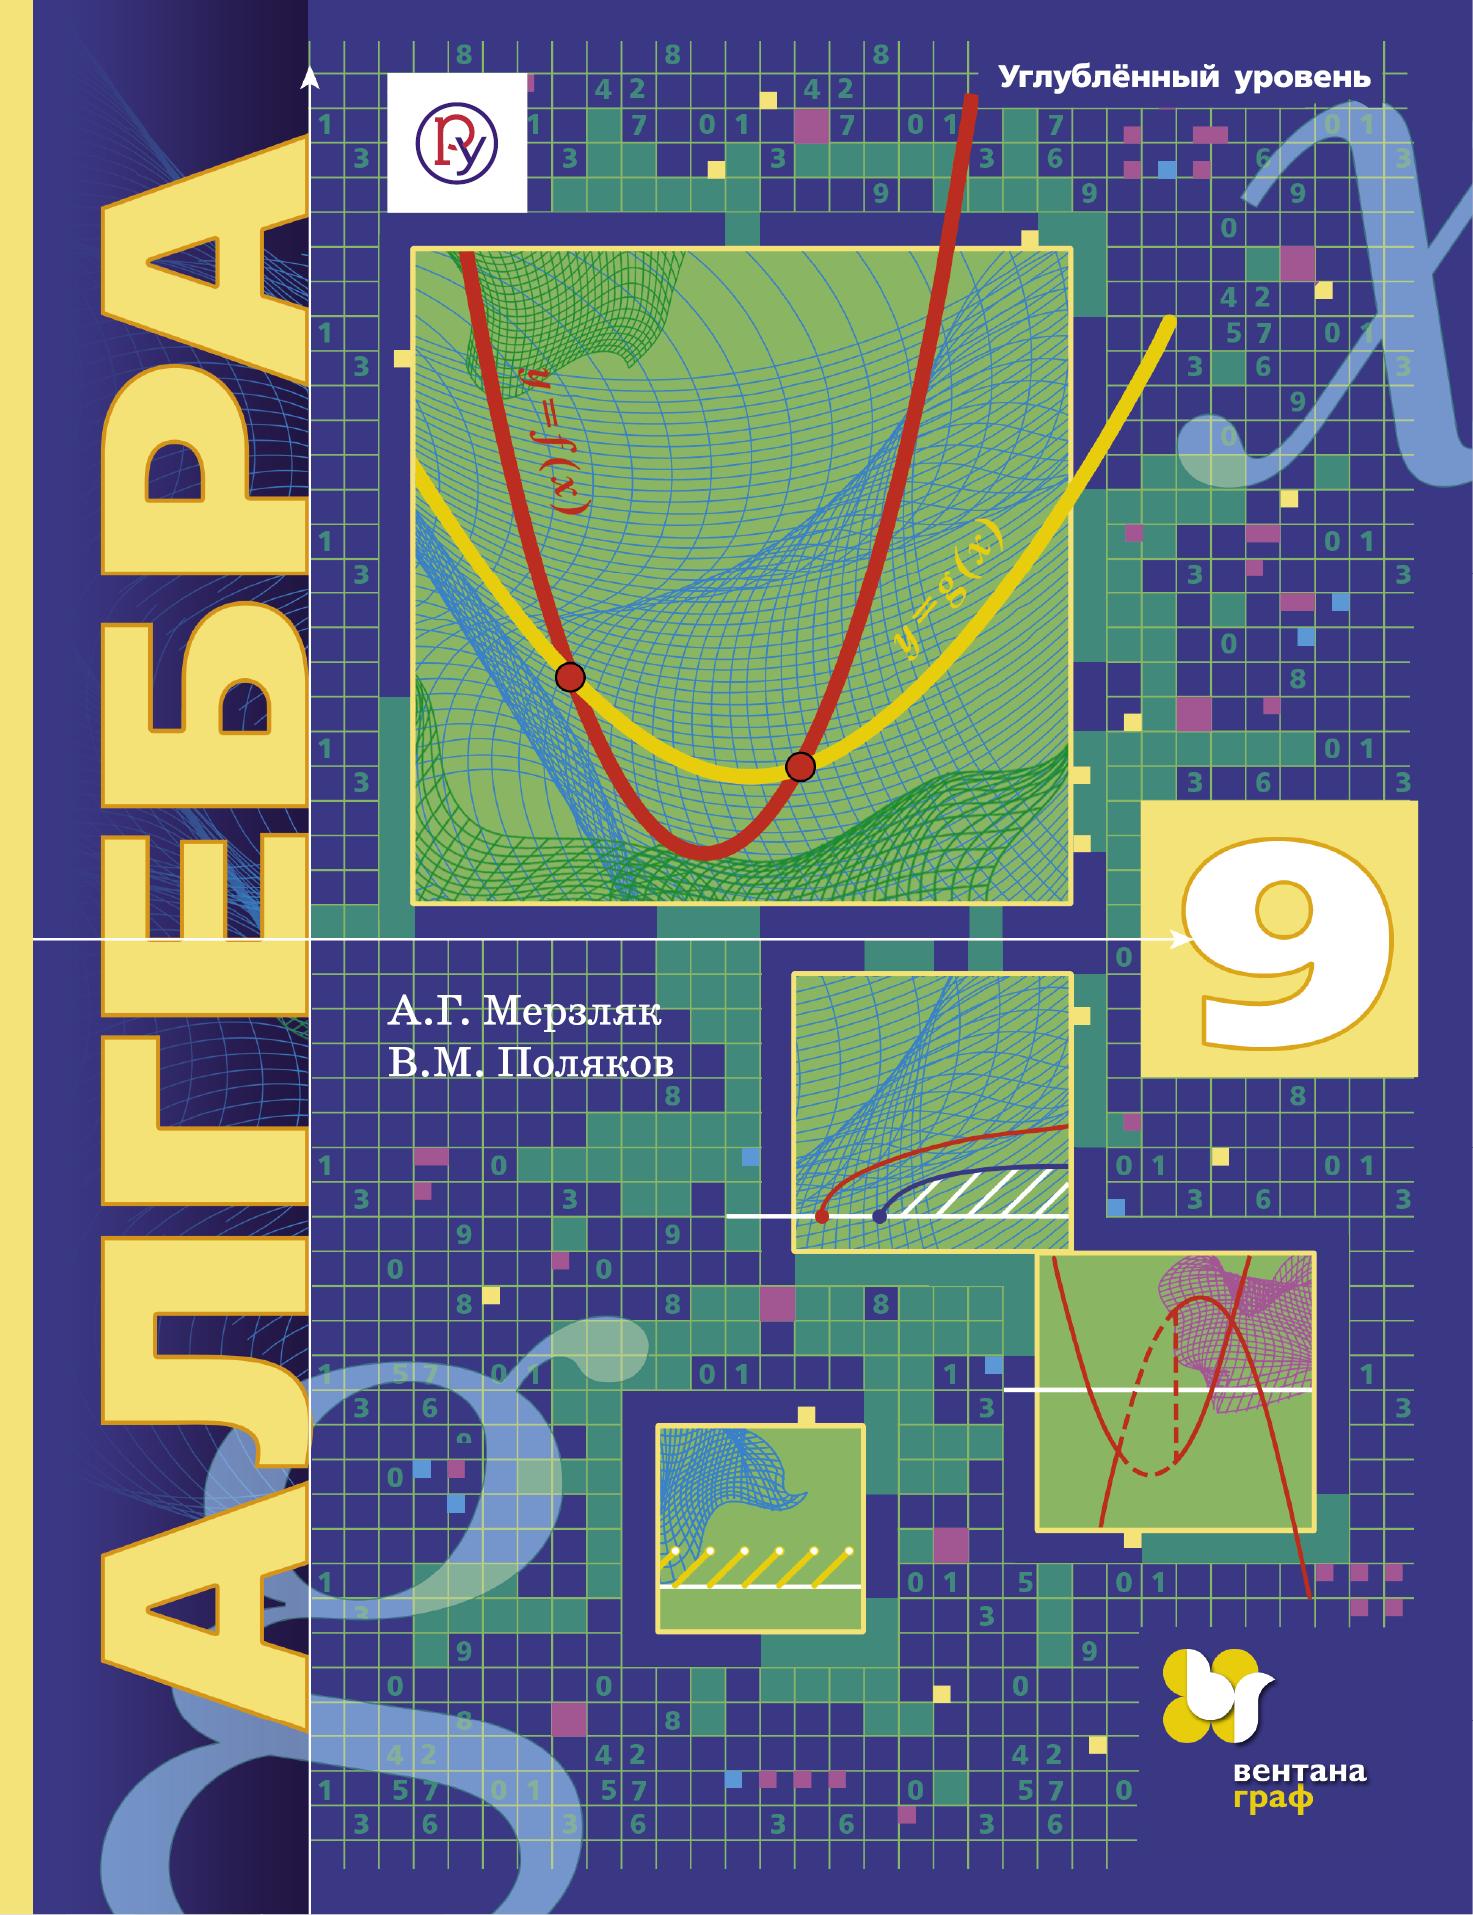 Мерзляк А.Г., Поляков В.М. Алгебра (углубленное изучение). 9 класс. Учебник. цена